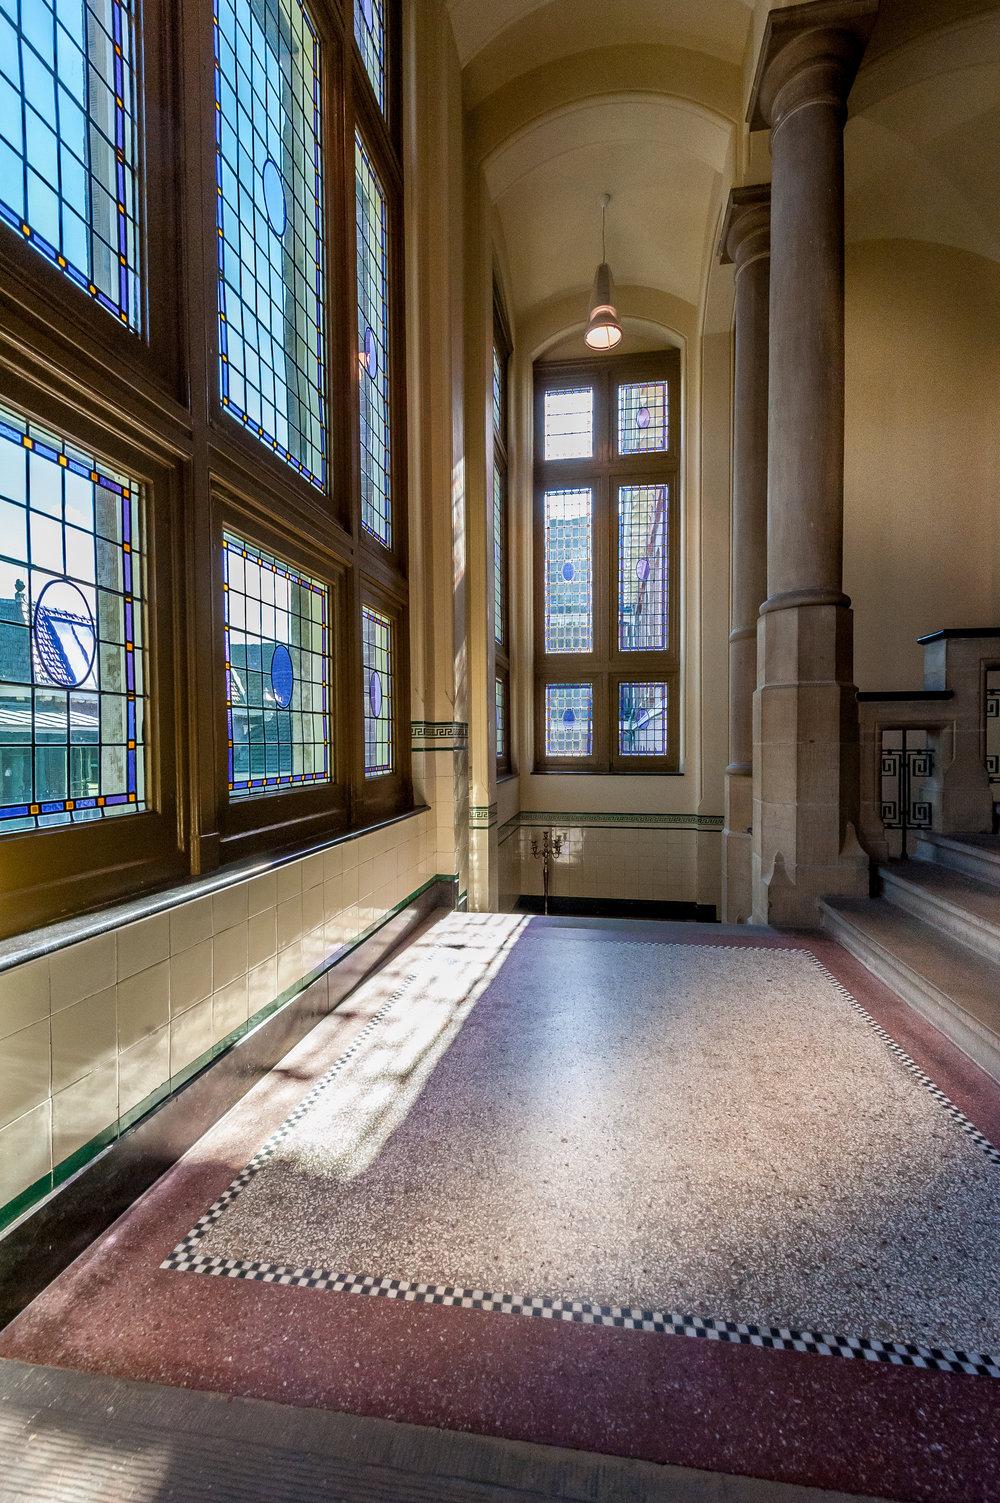 vergaderzaal-utrecht-zaalverhuur-vergaderlocatie-zaal huren-vergaderruimte-locaties-congrescentrum-congreslocatie.